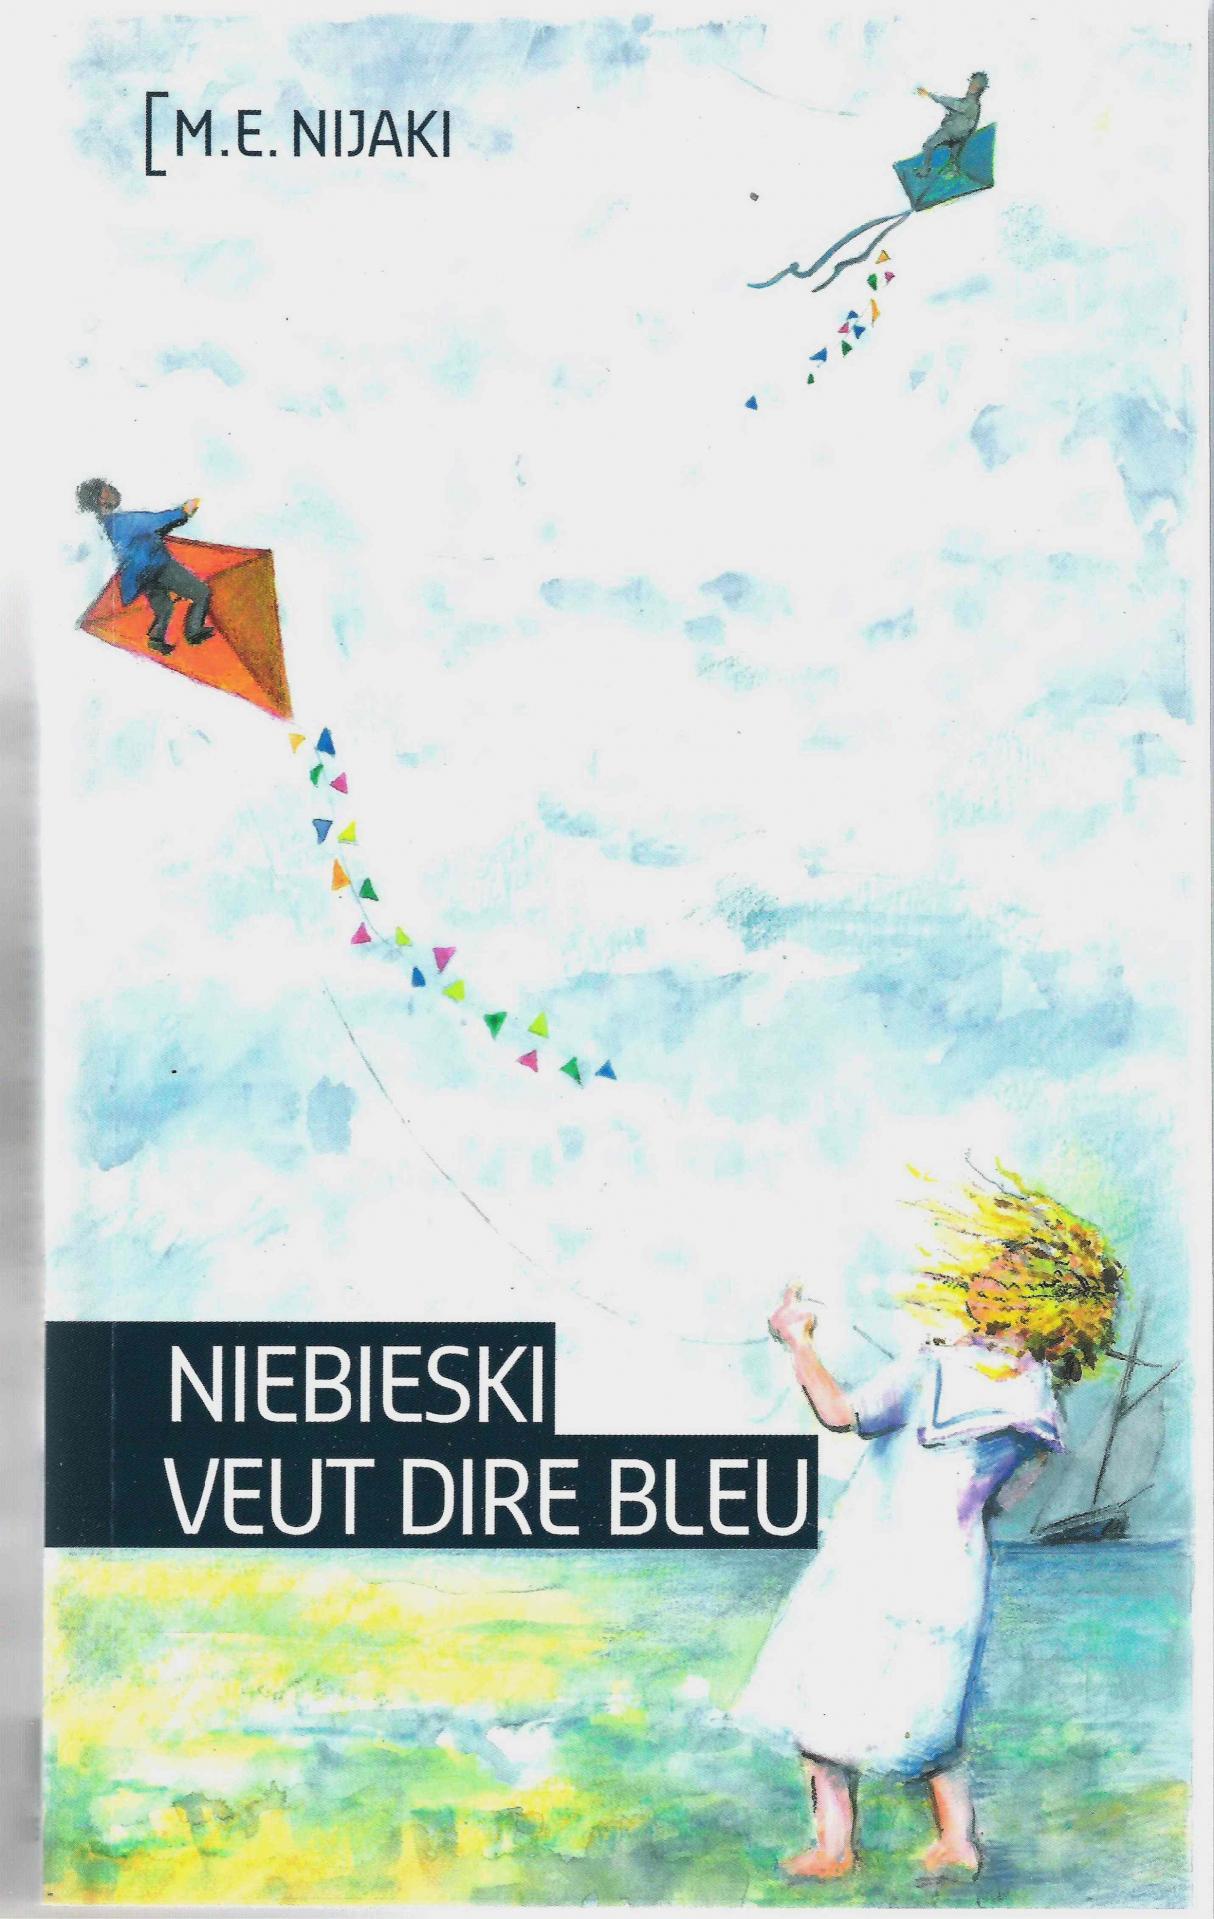 Niebieski veut dire bleu couverture